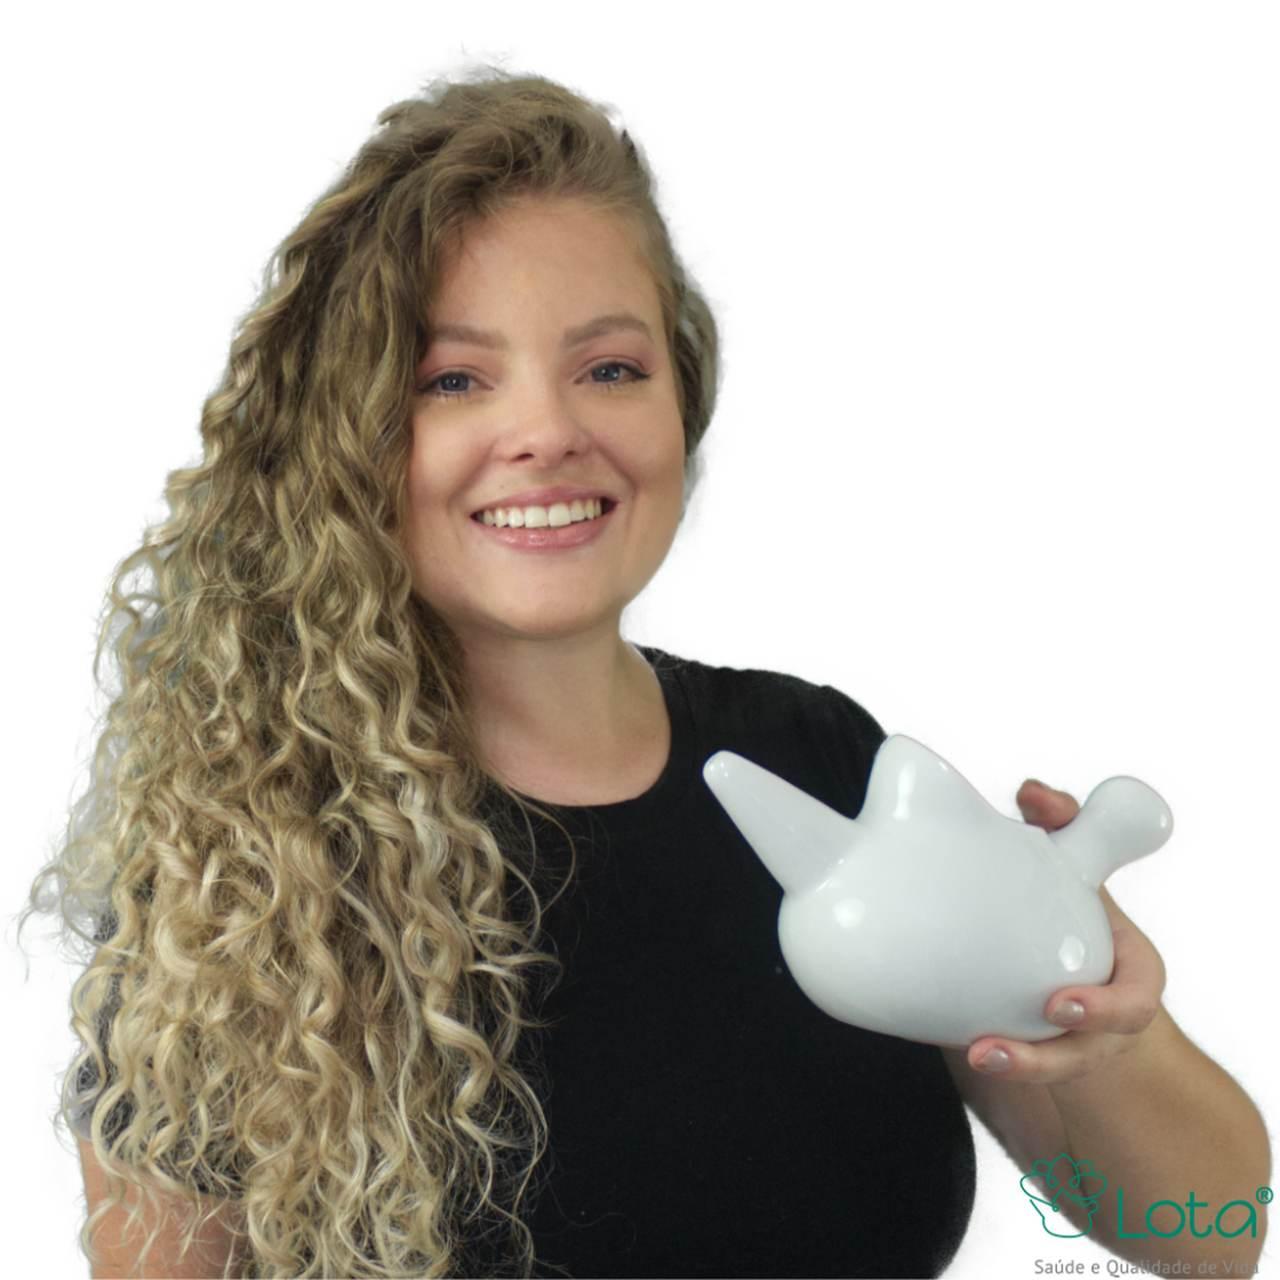 Lota Higienizador Nasal de Porcelana (Neti Pot) - Tam. P e G